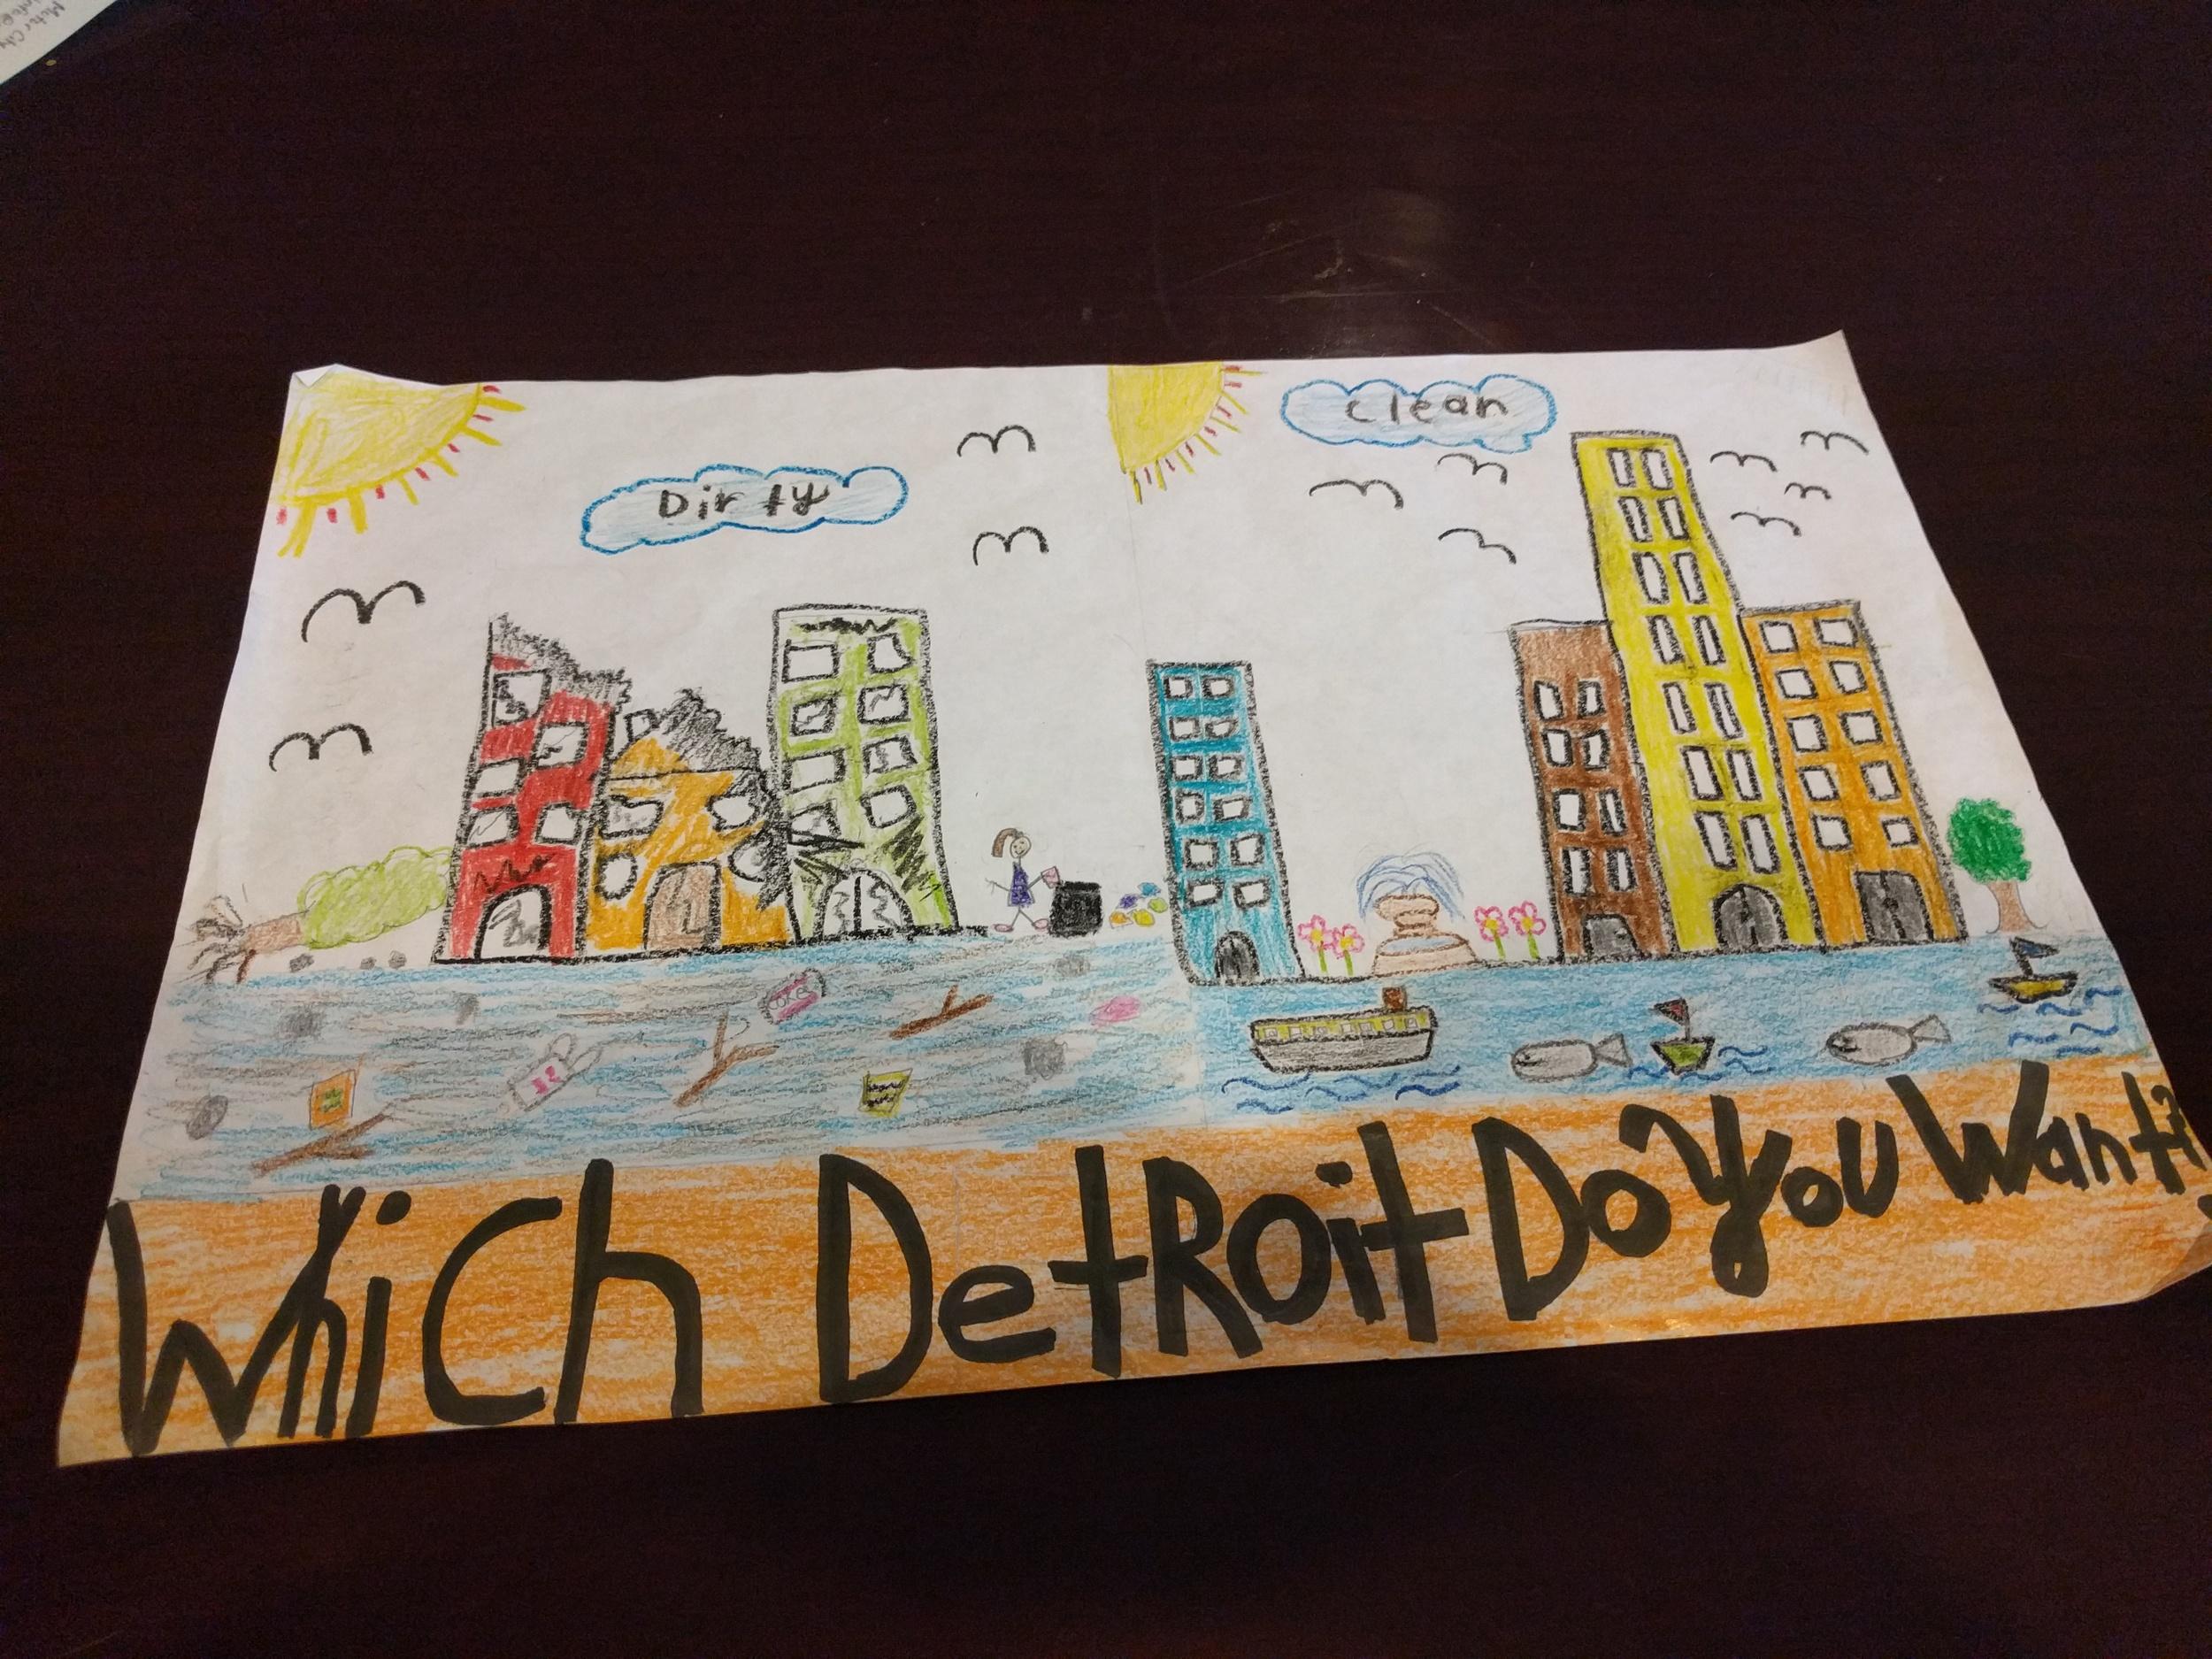 Artwork by 3rd grade student Evelyn Valenzuela, Bennett Elementary School.